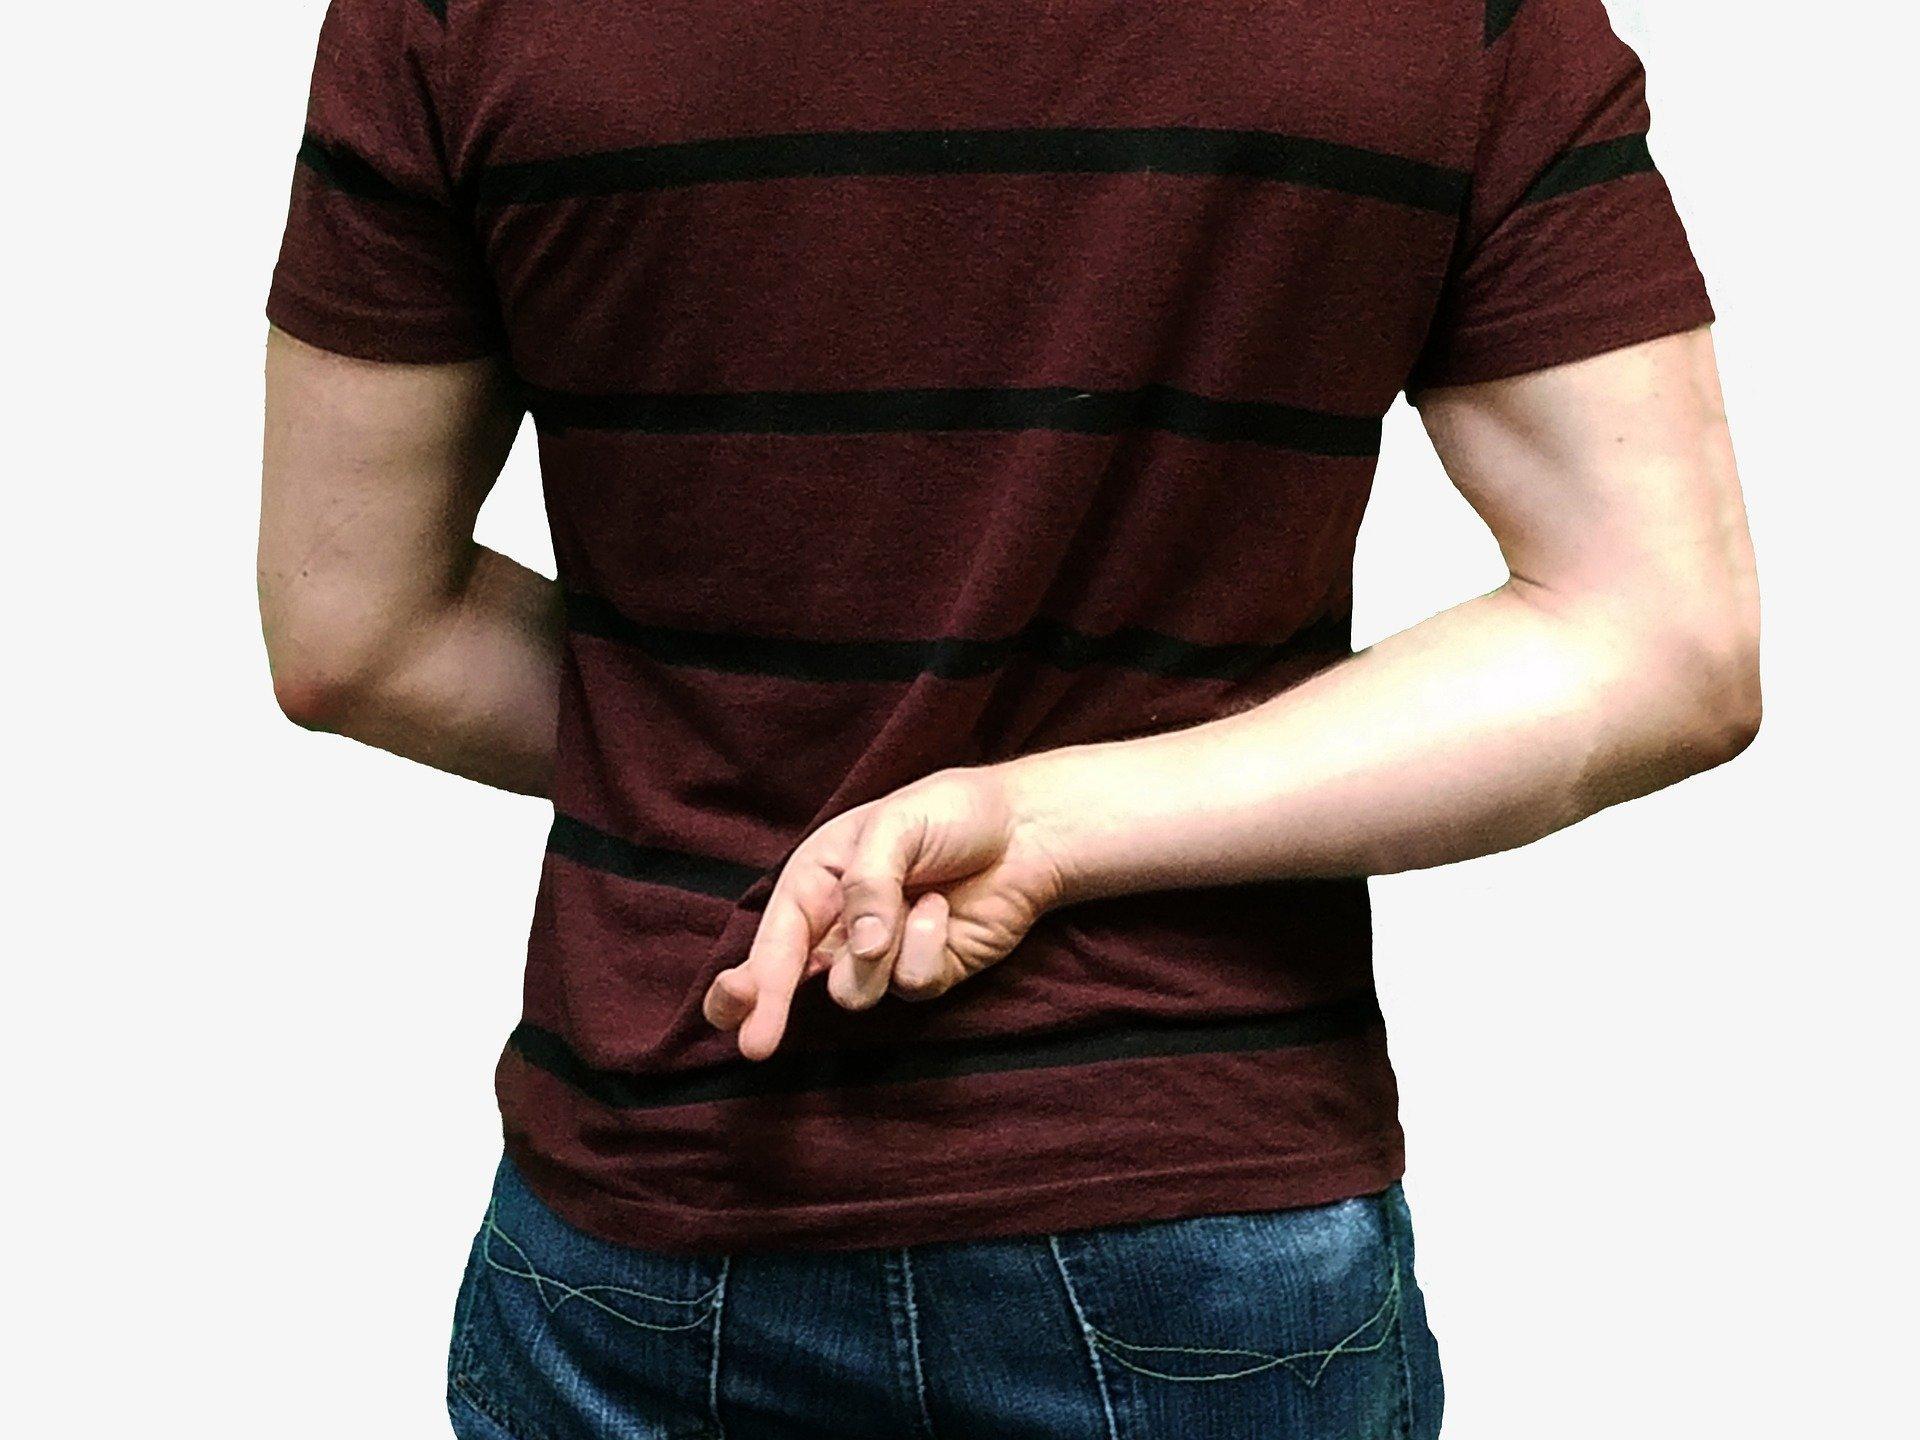 Hombre con dedos cruzados tras la espalda. Fuente: Pixabay